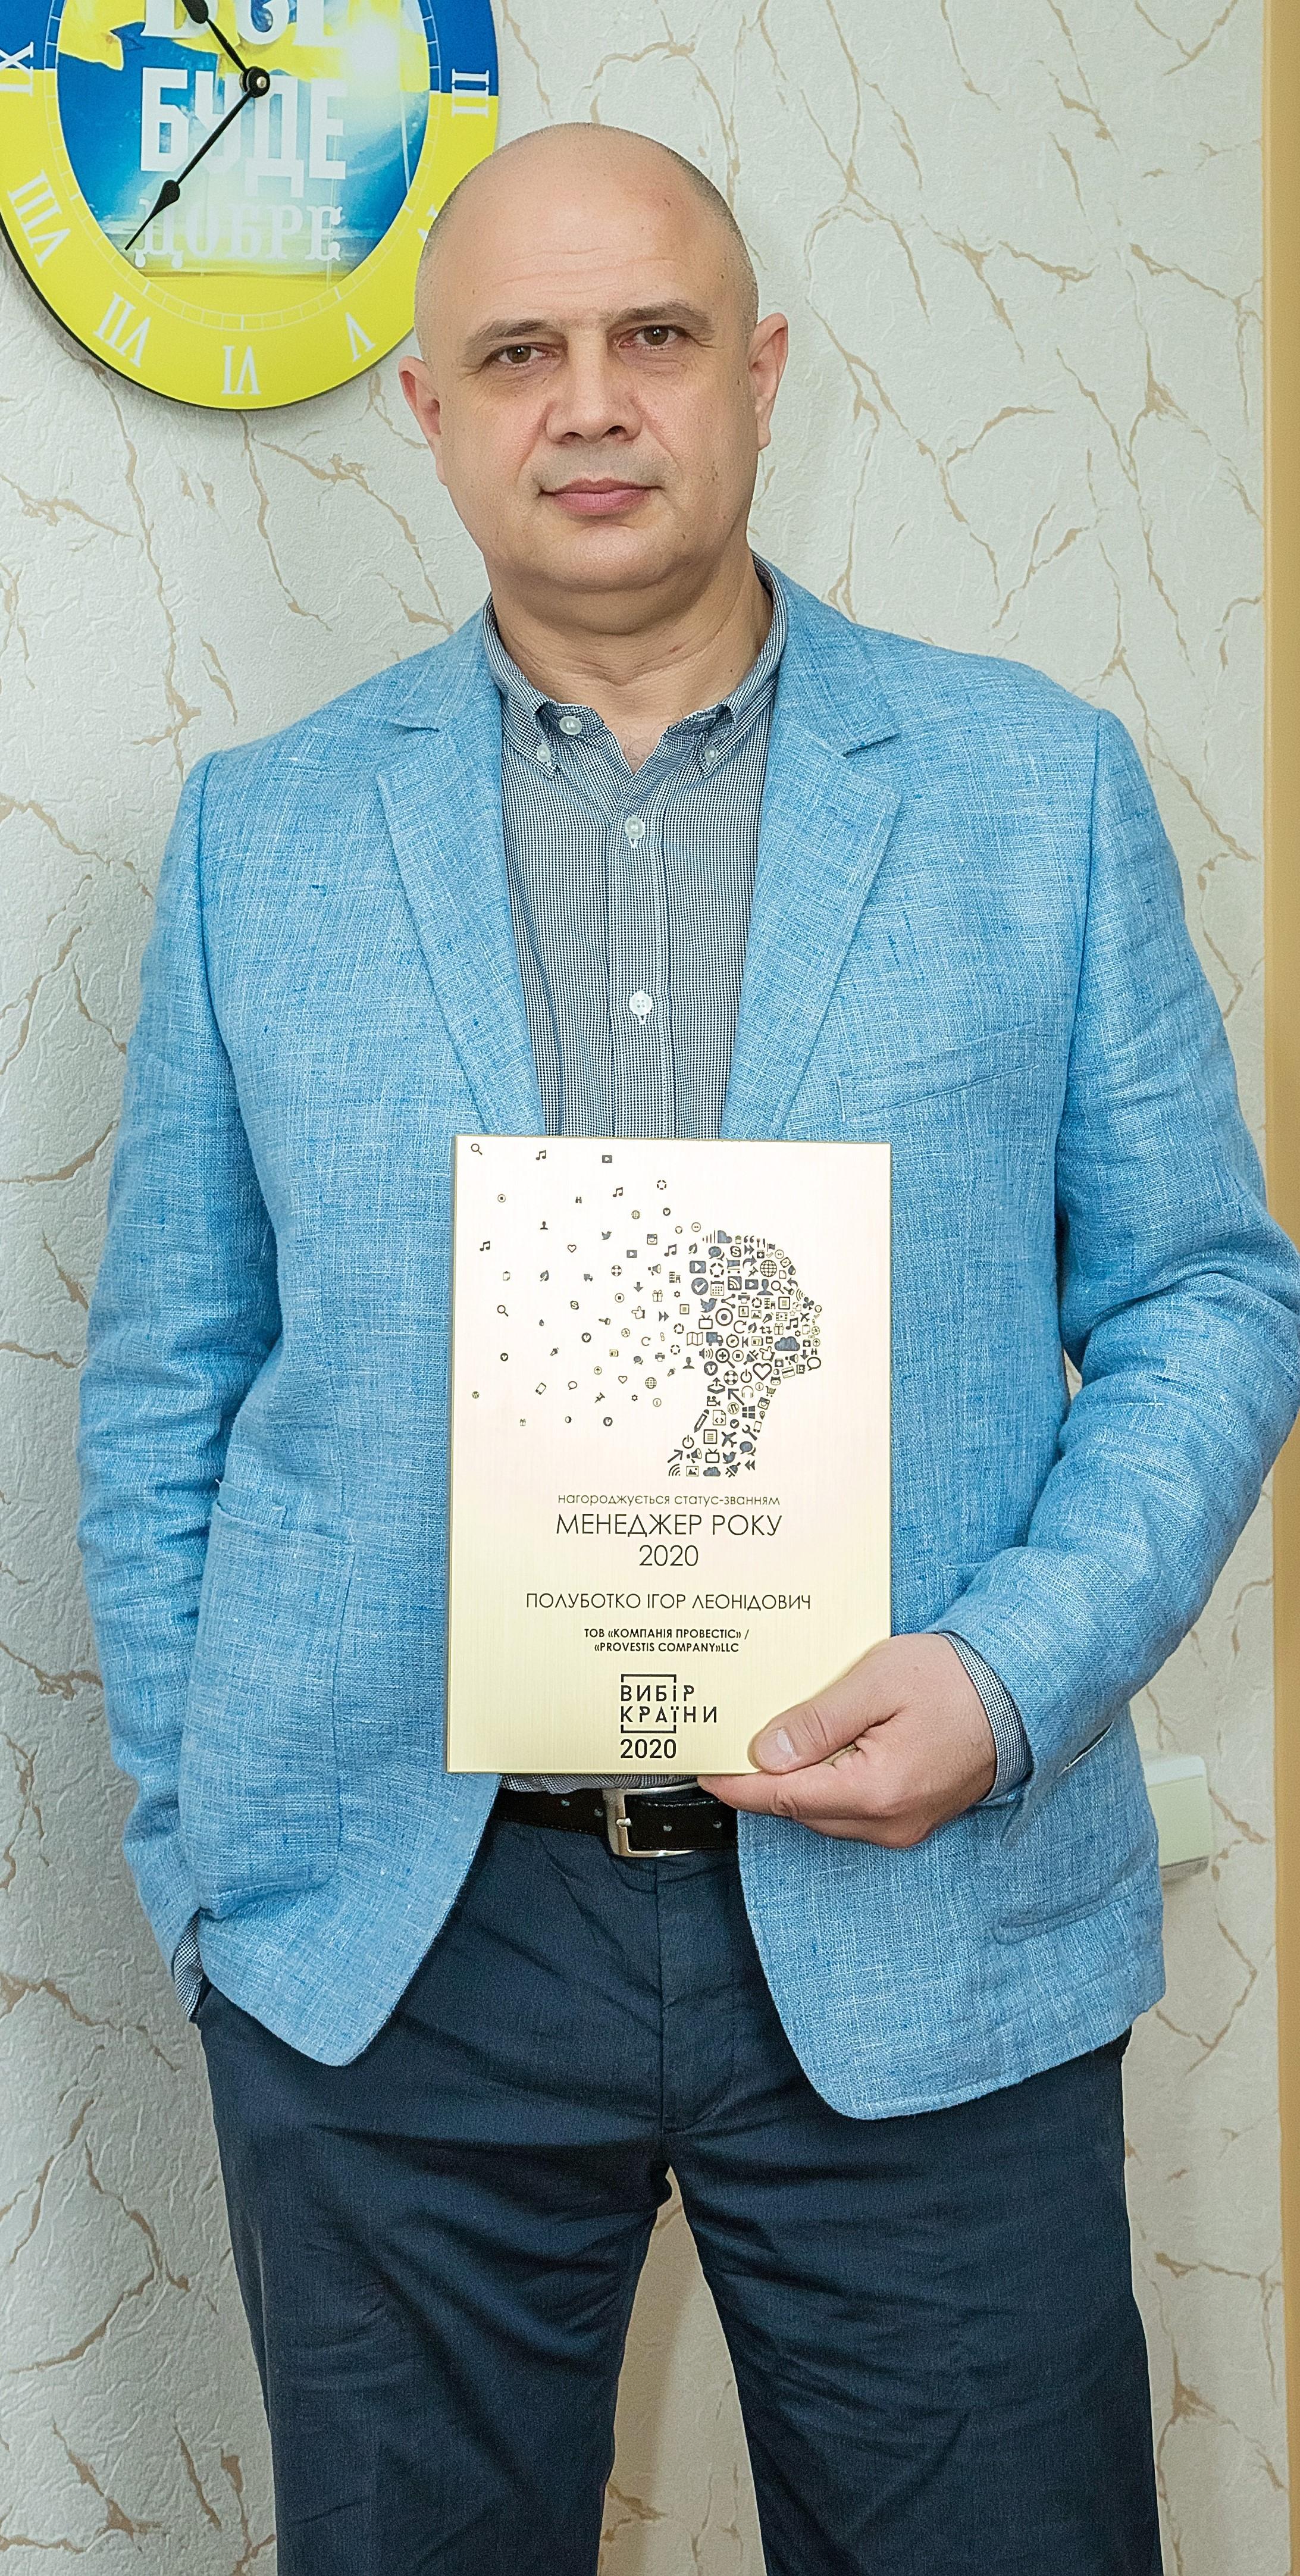 """ТОВ """"Компанія Провестіс"""" стала переможцем Національної премії """"Вибір Країни"""" 2020"""